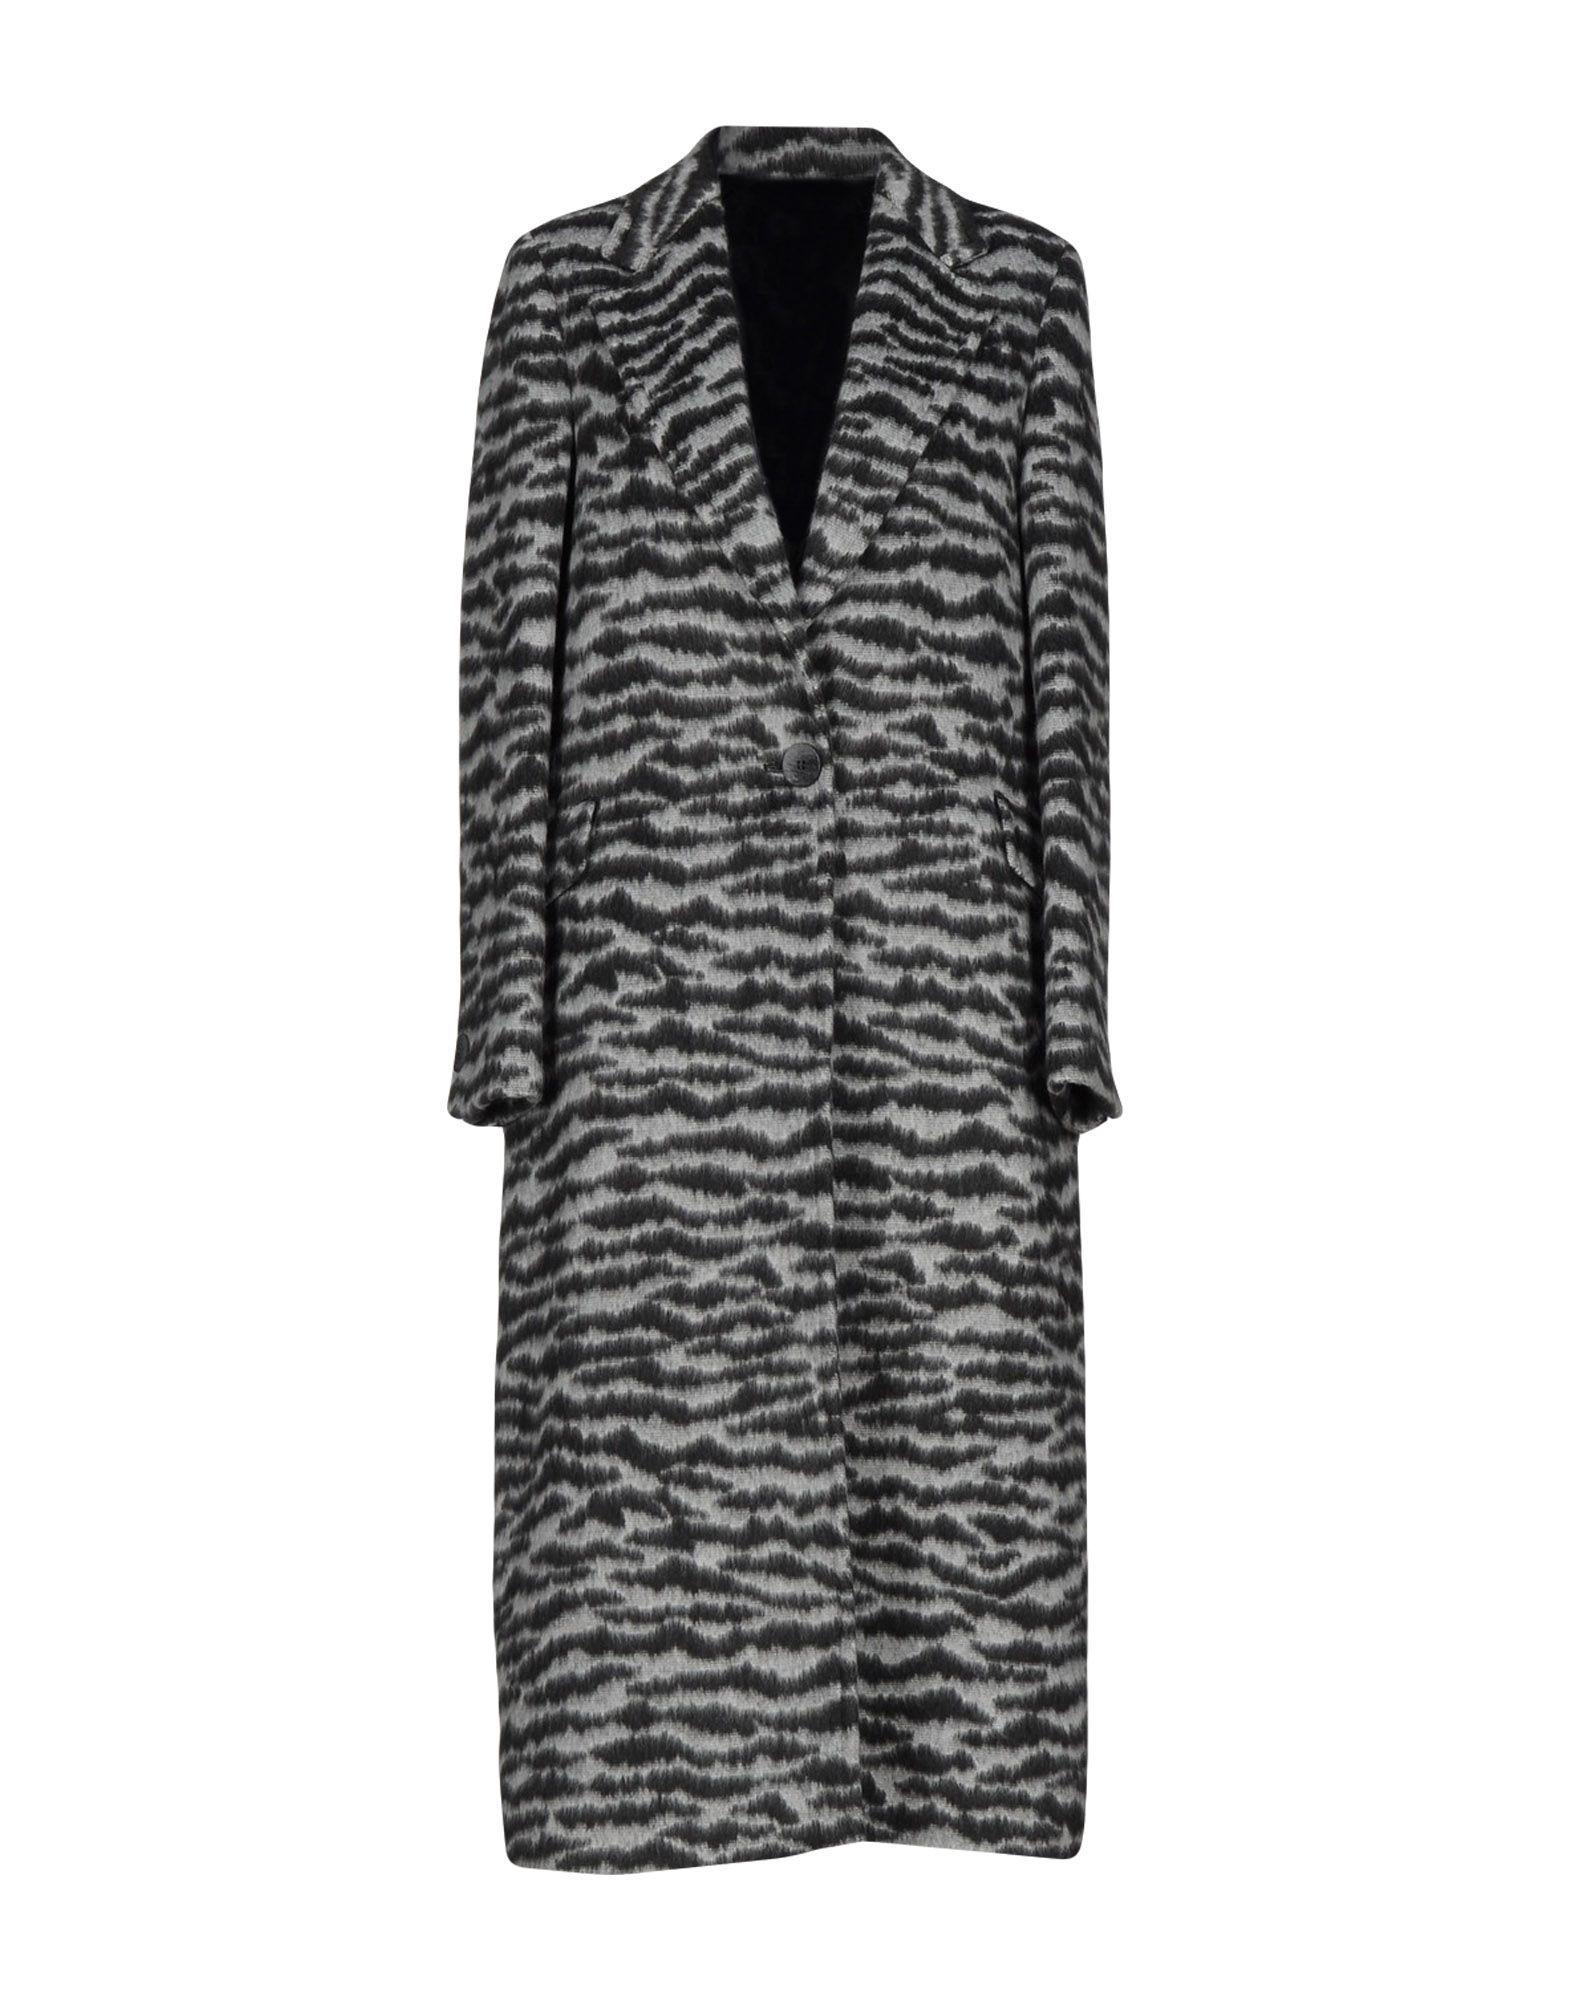 Tagliatore Coats In Grey